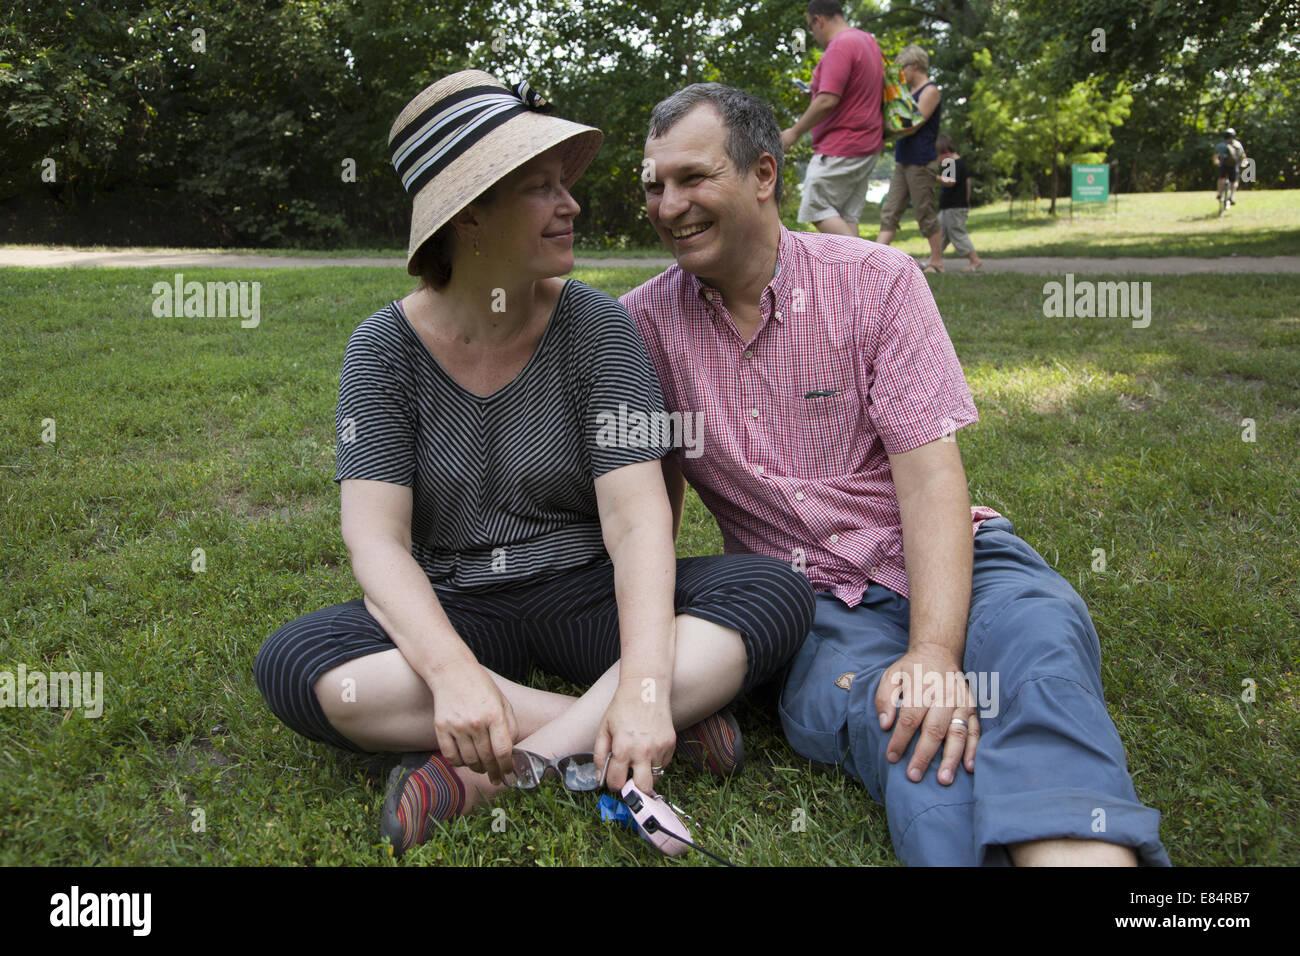 paar in ihrer Mitte 40er Jahren entspannen Sie im Prospect Park, Brooklyn, NY. Stockbild